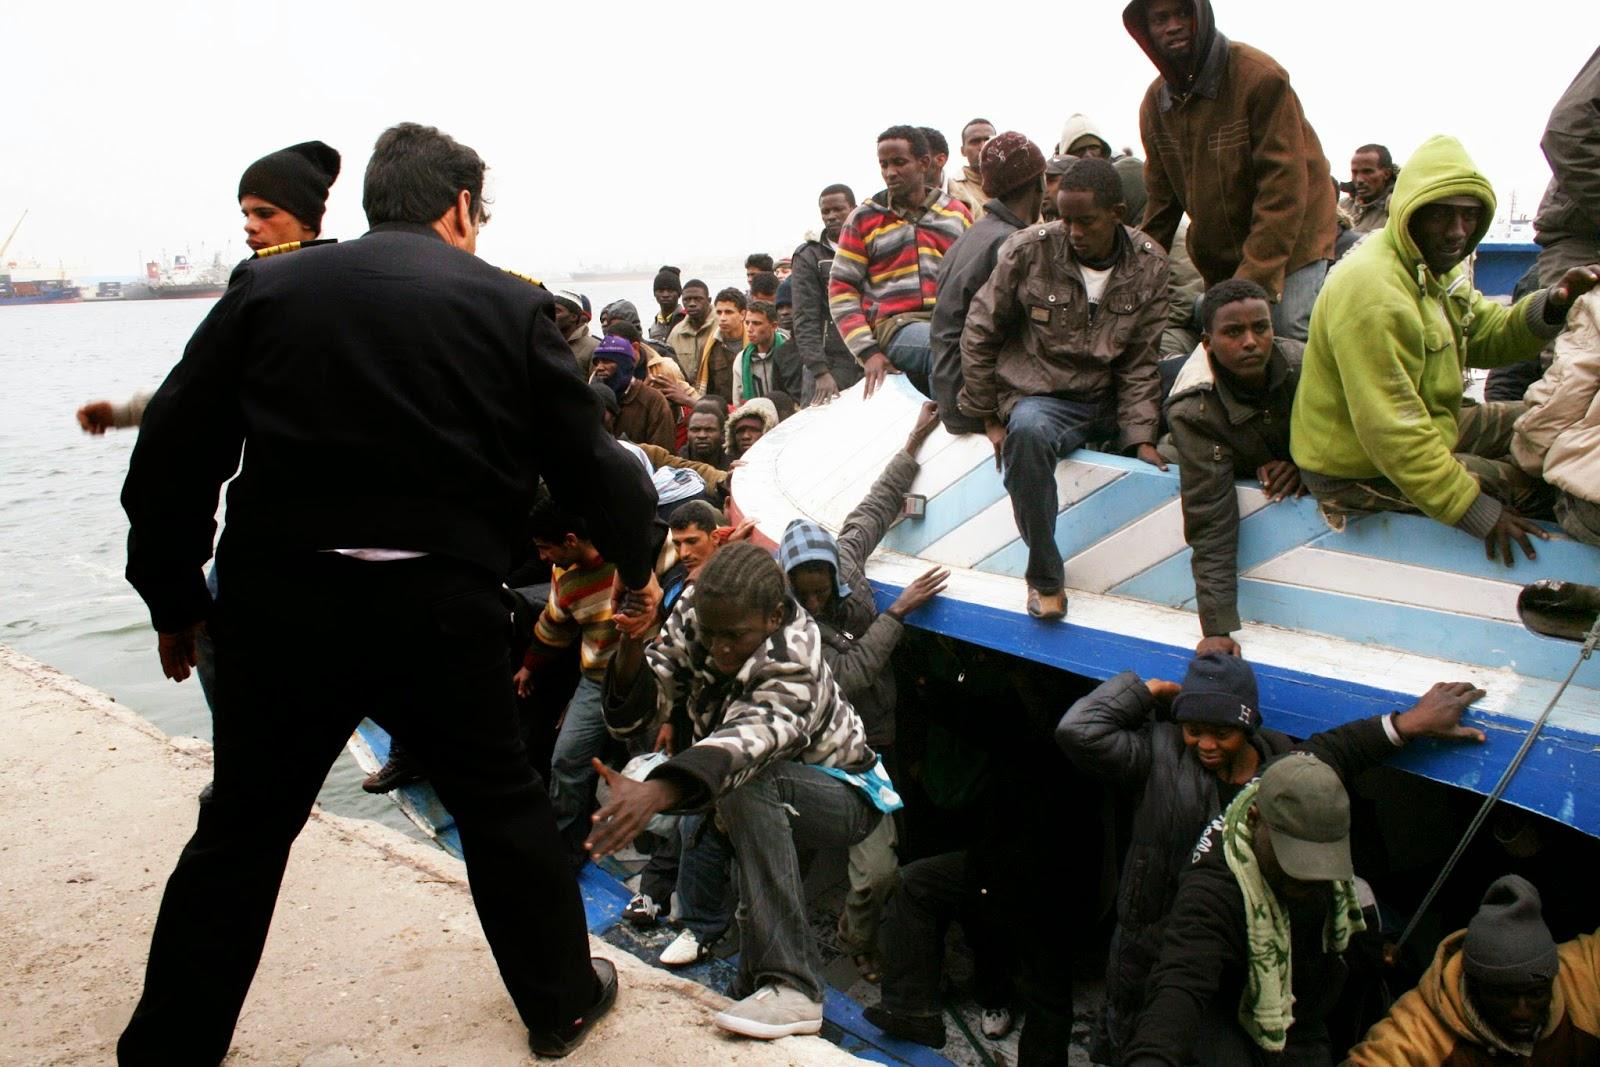 Μα δεν χωρούν άλλοι λαθρομετανάστες στην Ελλάδα: «Αυτό δεν μου λέει τίποτα» η απάντηση - πρόκληση της υπουργού «Μετανάστευσης»